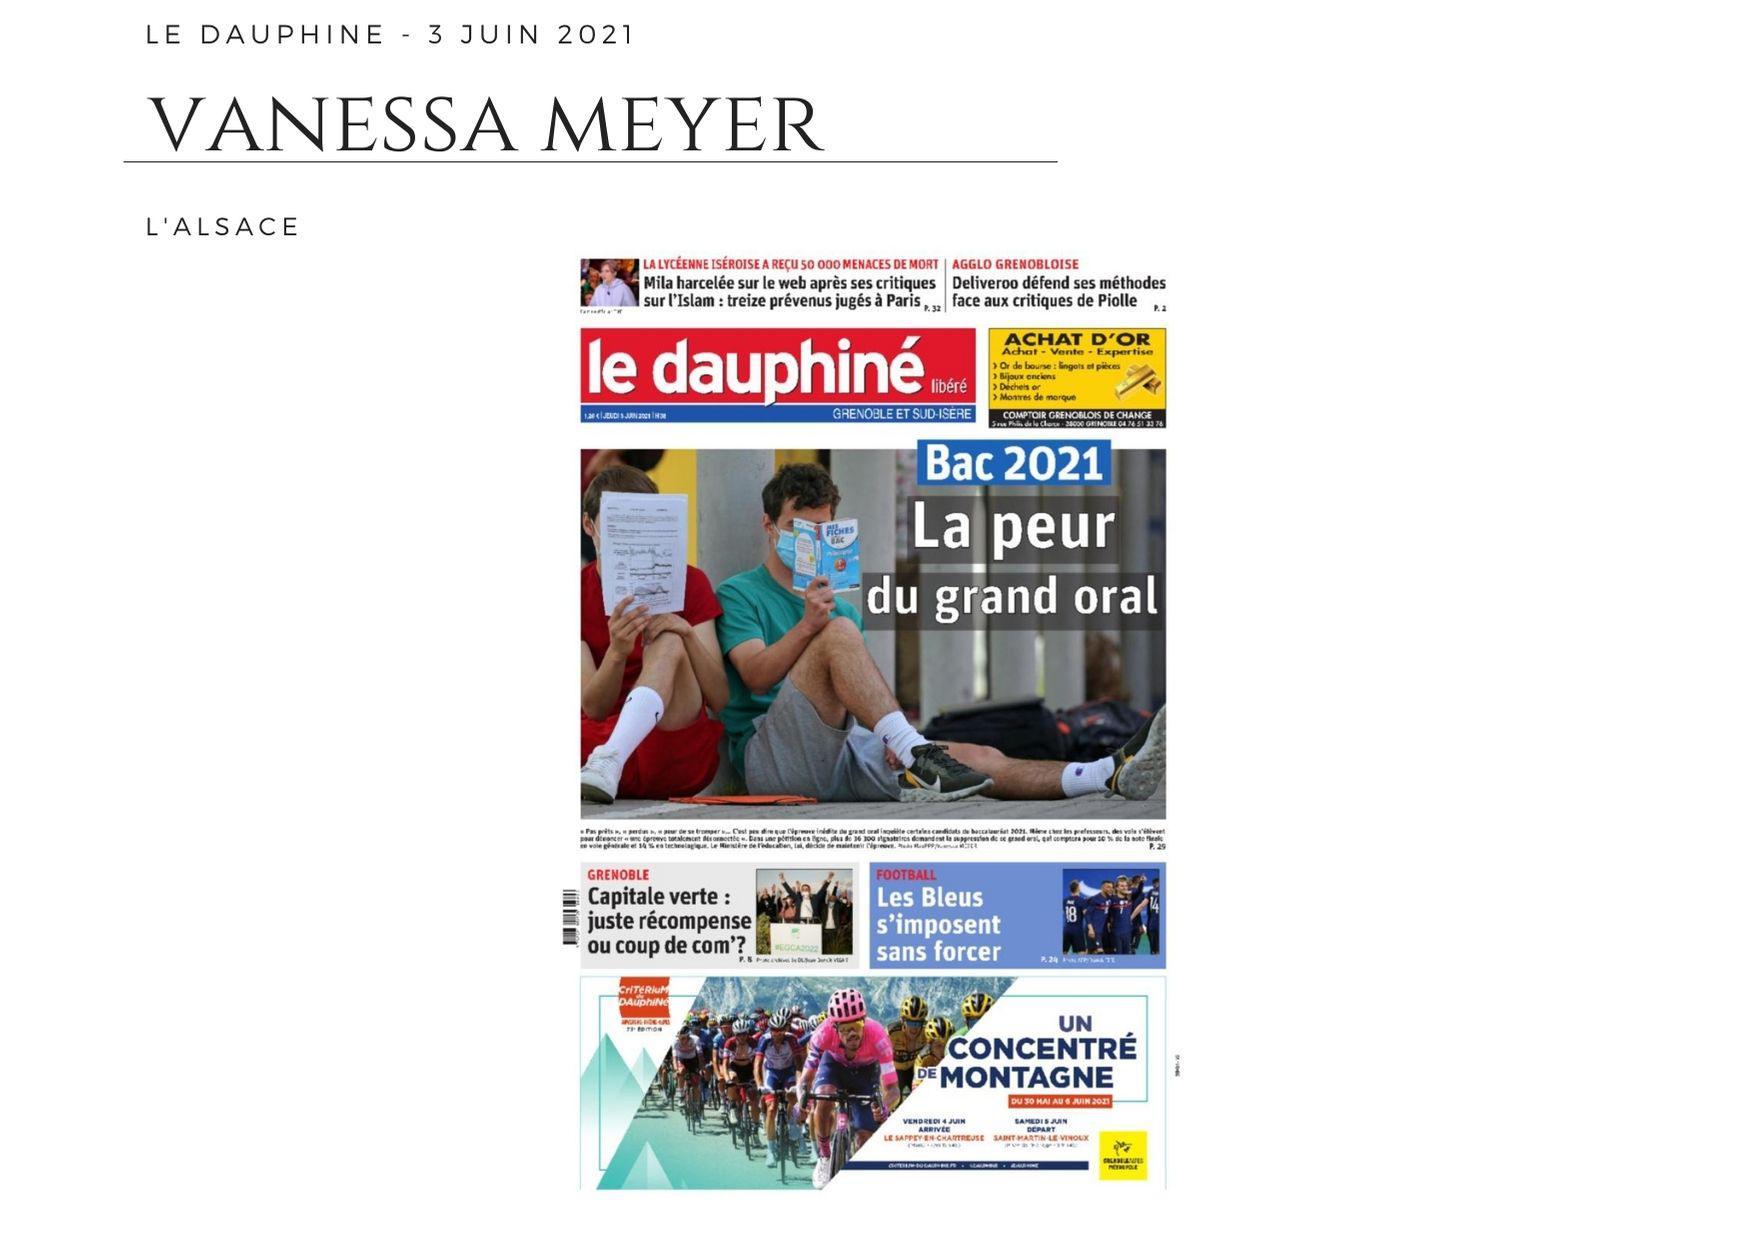 Le Dauphiné - 3 juin 2021